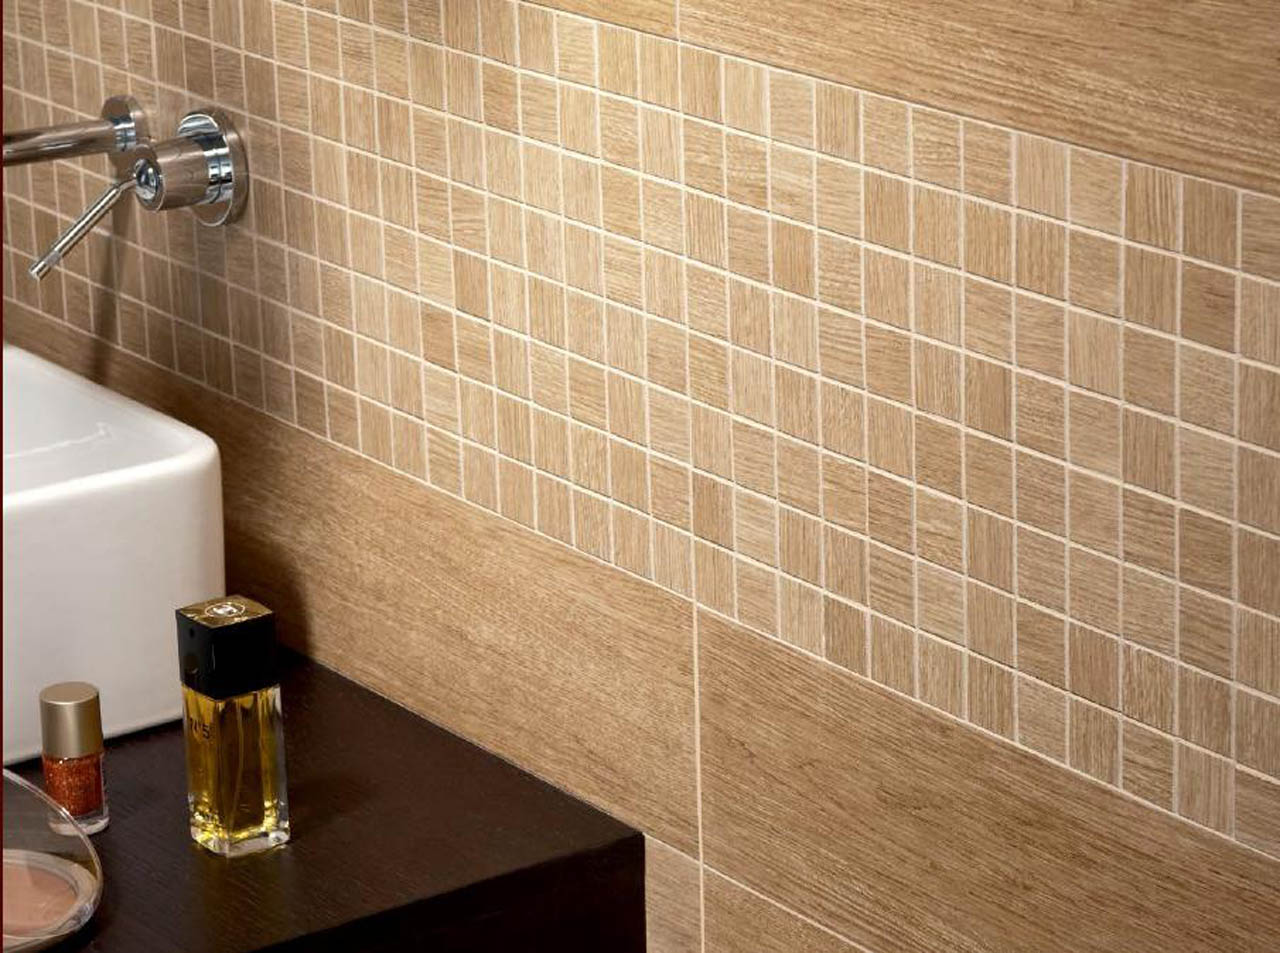 Pavimenti in finto legno piastrelle in finto legno grigio for Piastrelle ceramica finto legno